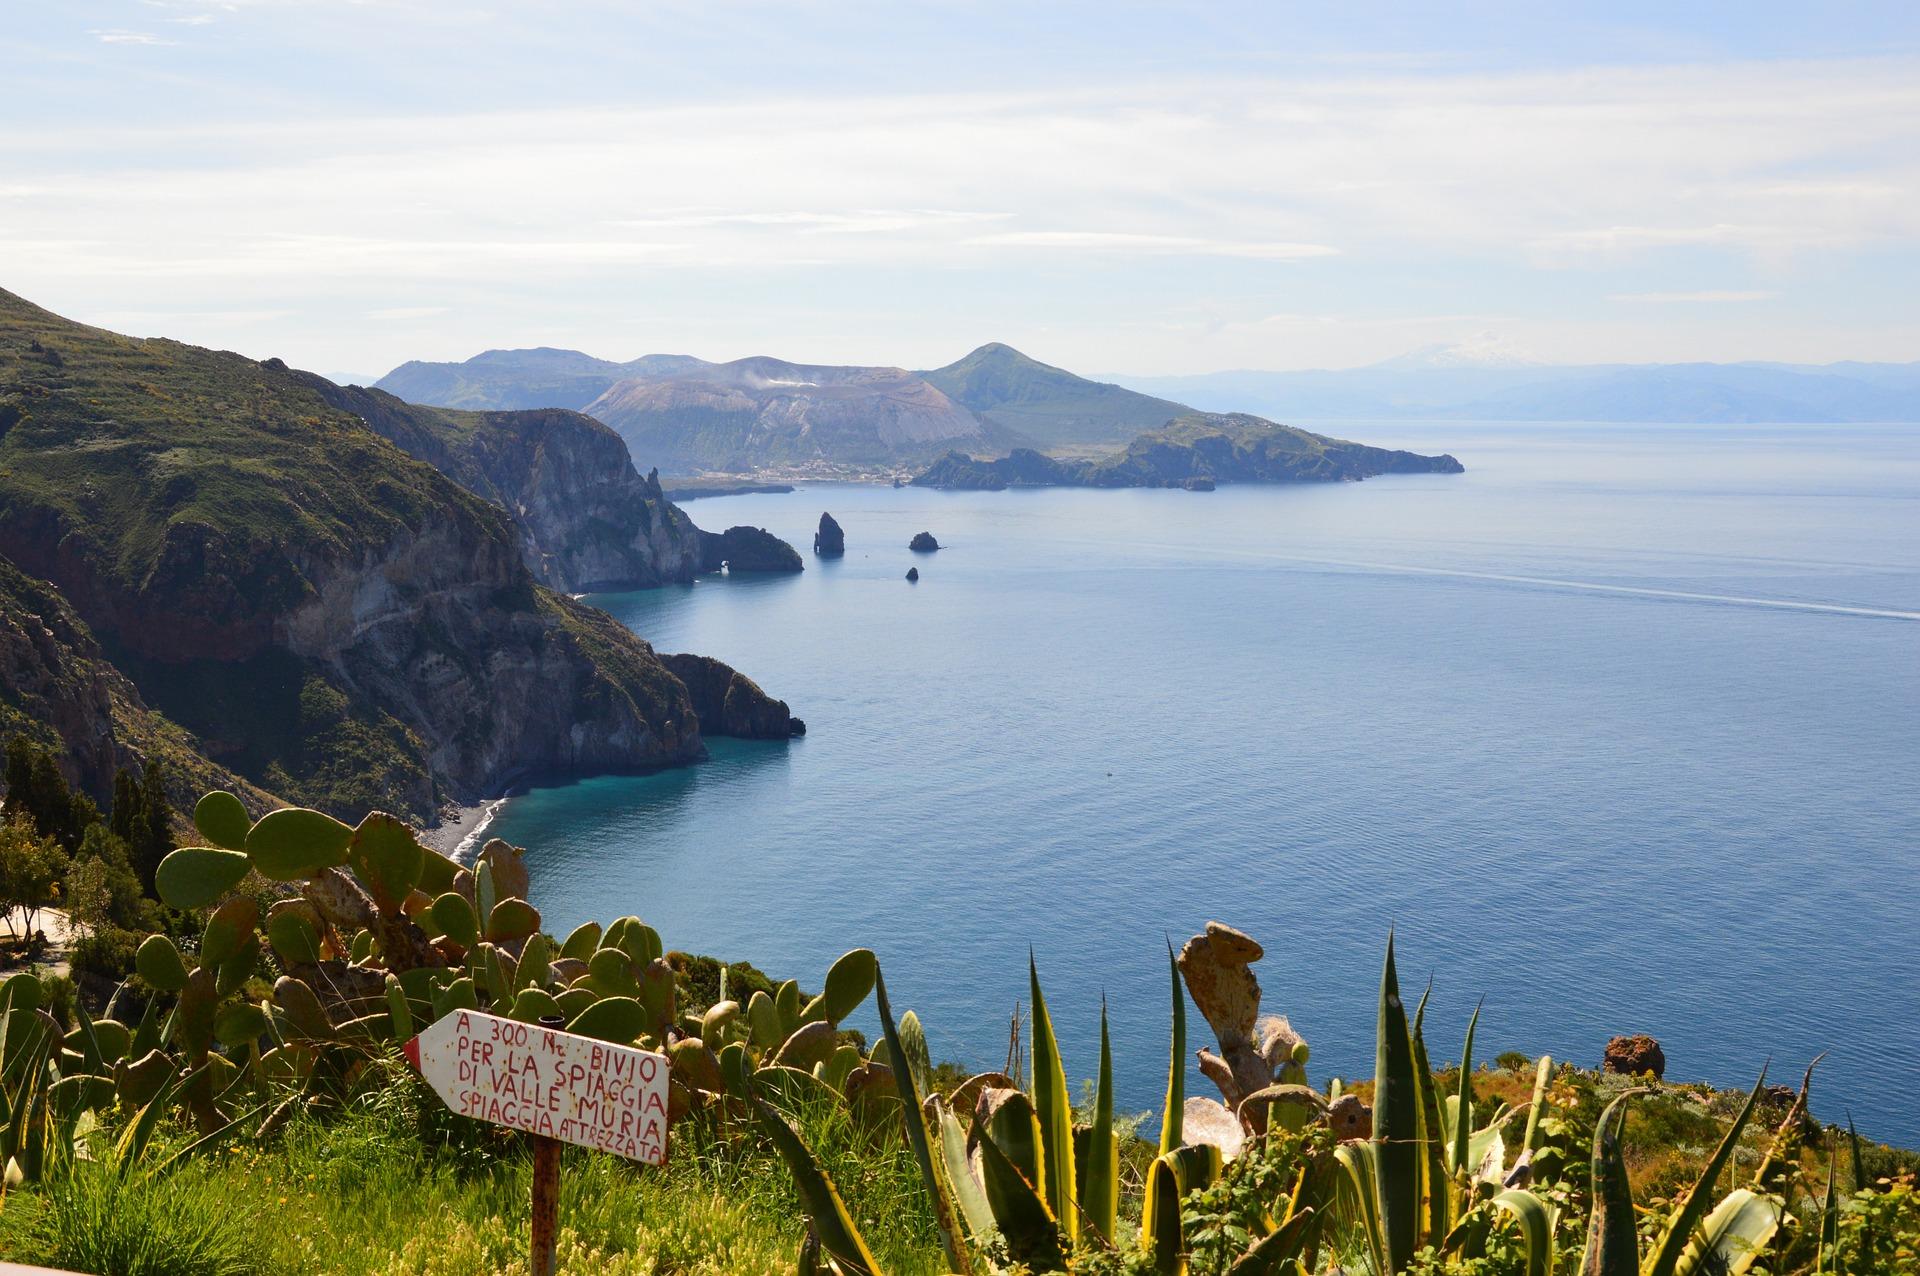 Rundreise Liparische Inseln: Empfehlungen & Vergleich (08/20)